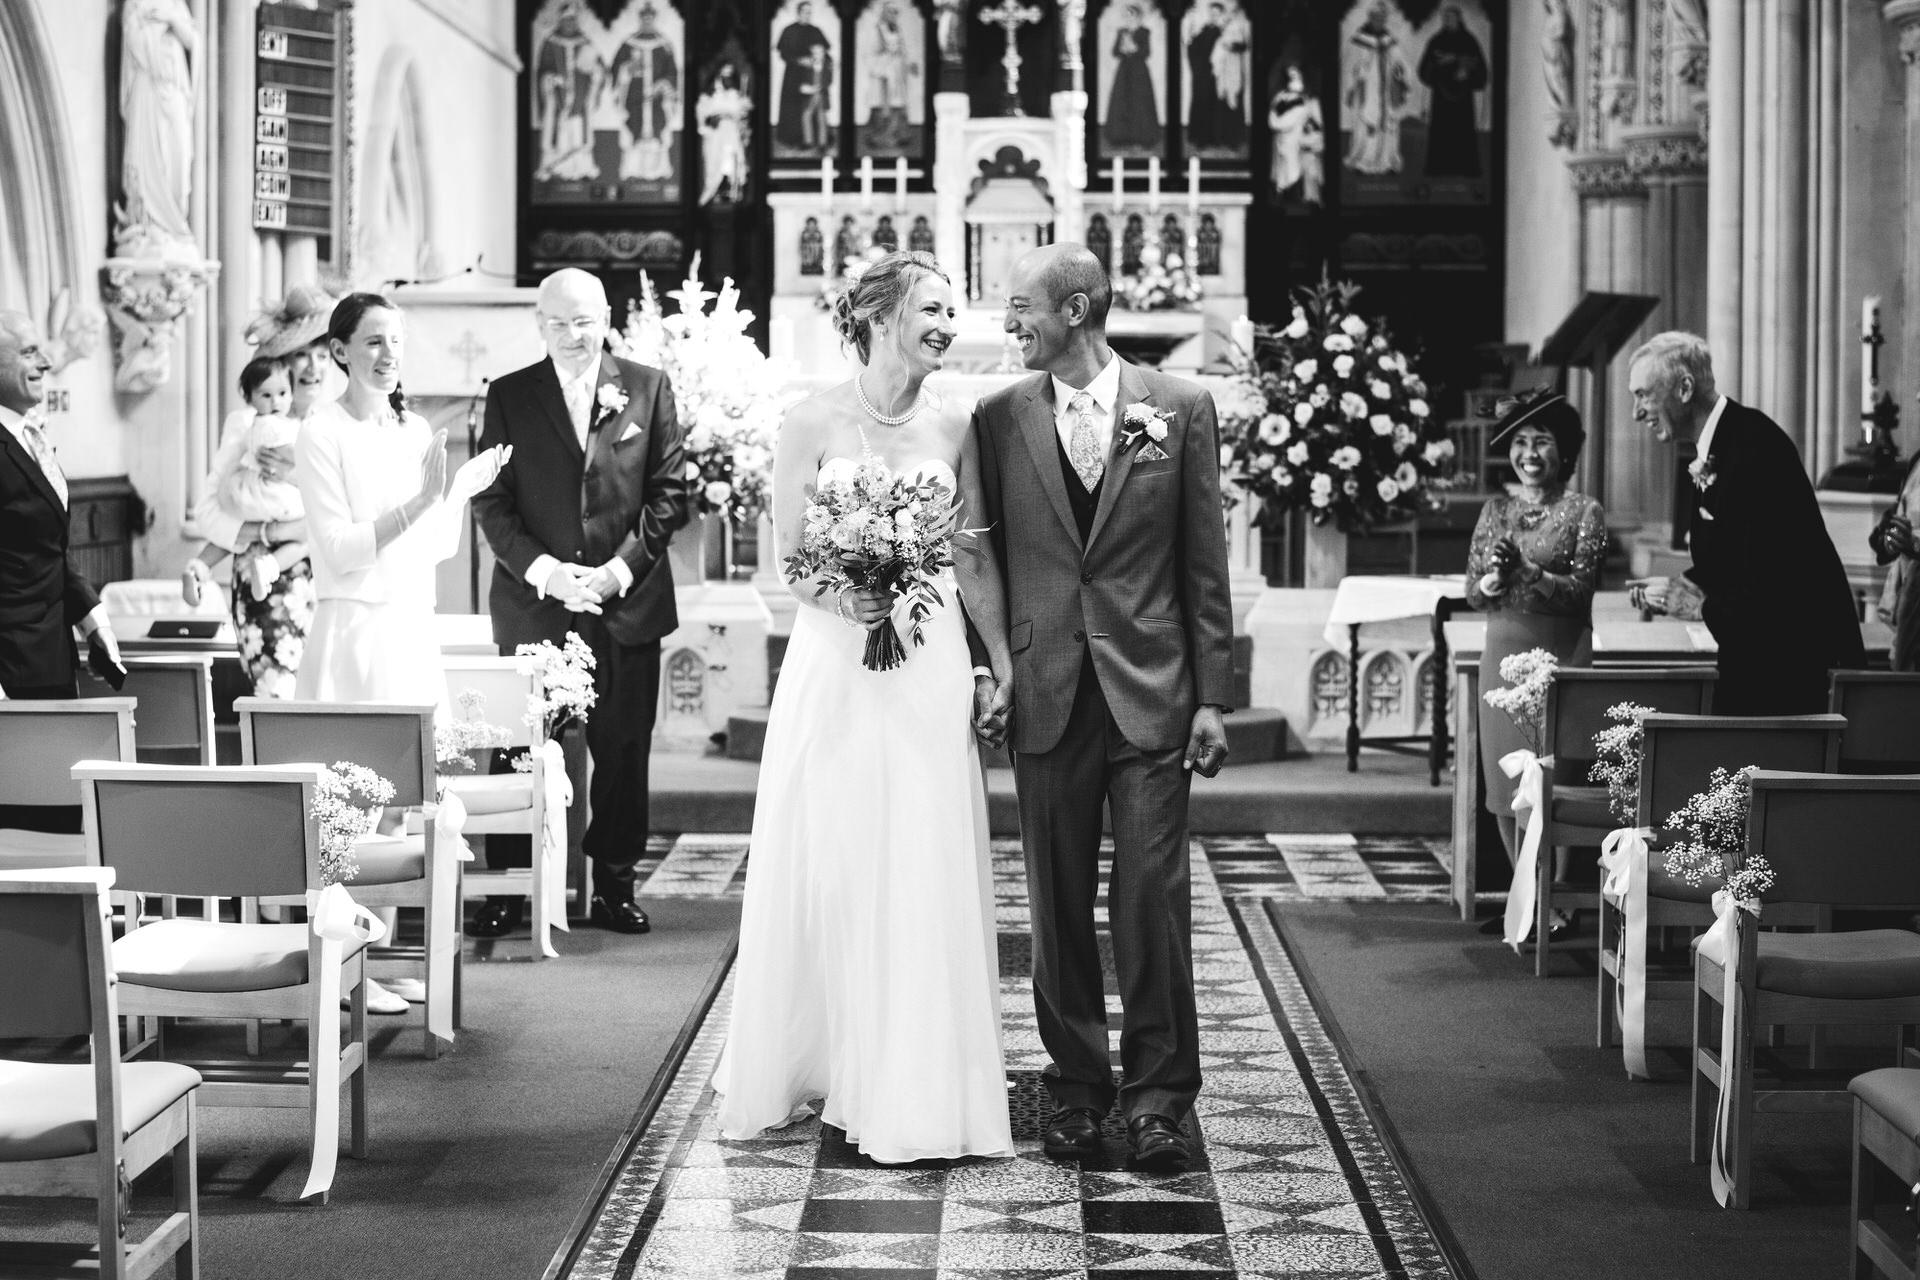 Micro wedding in church